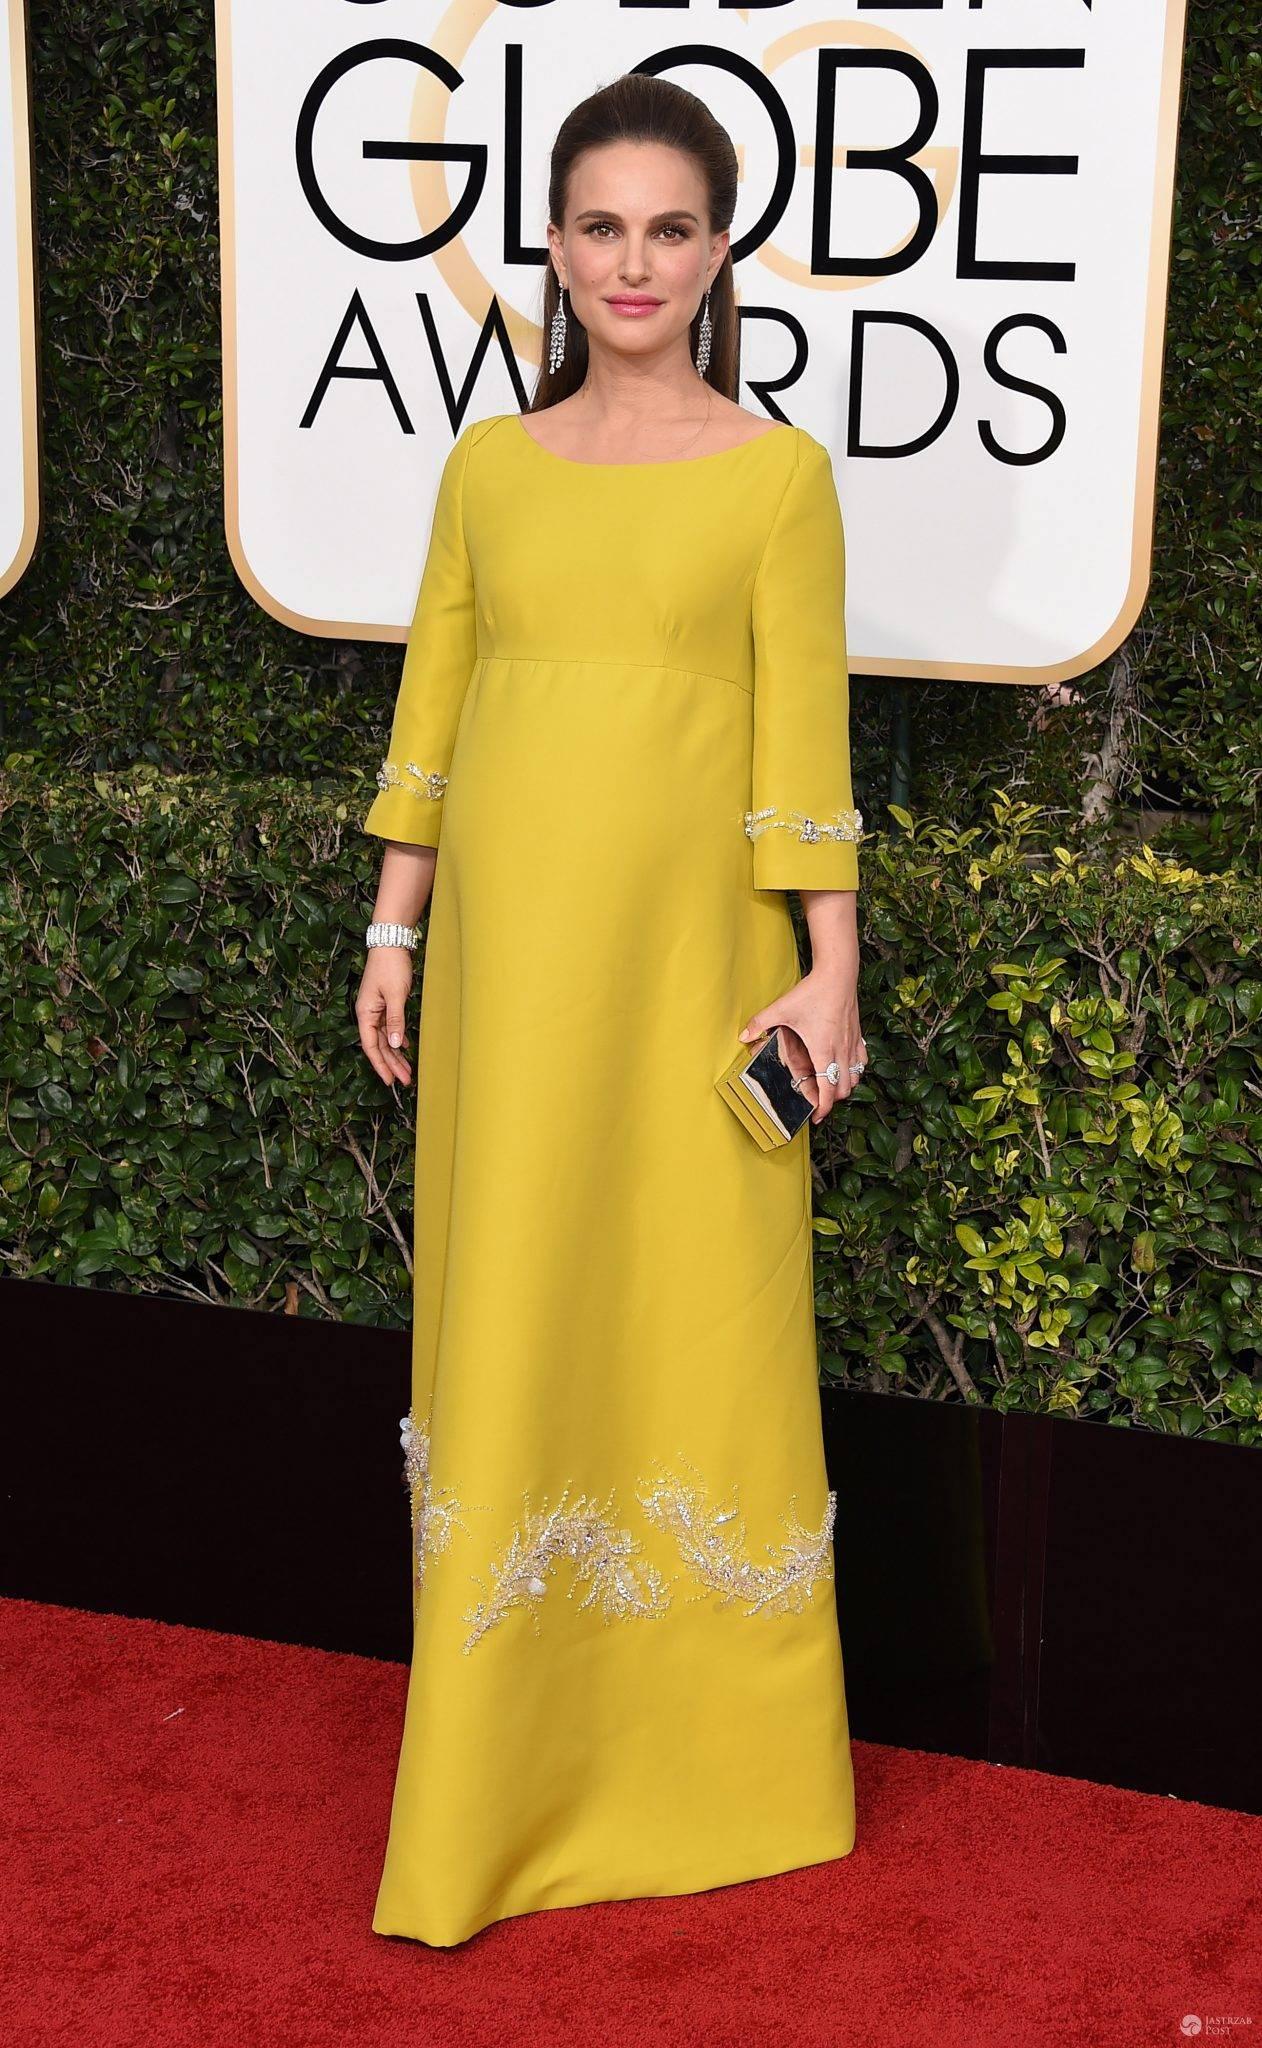 Natalie Portman - Złote Globy 2017